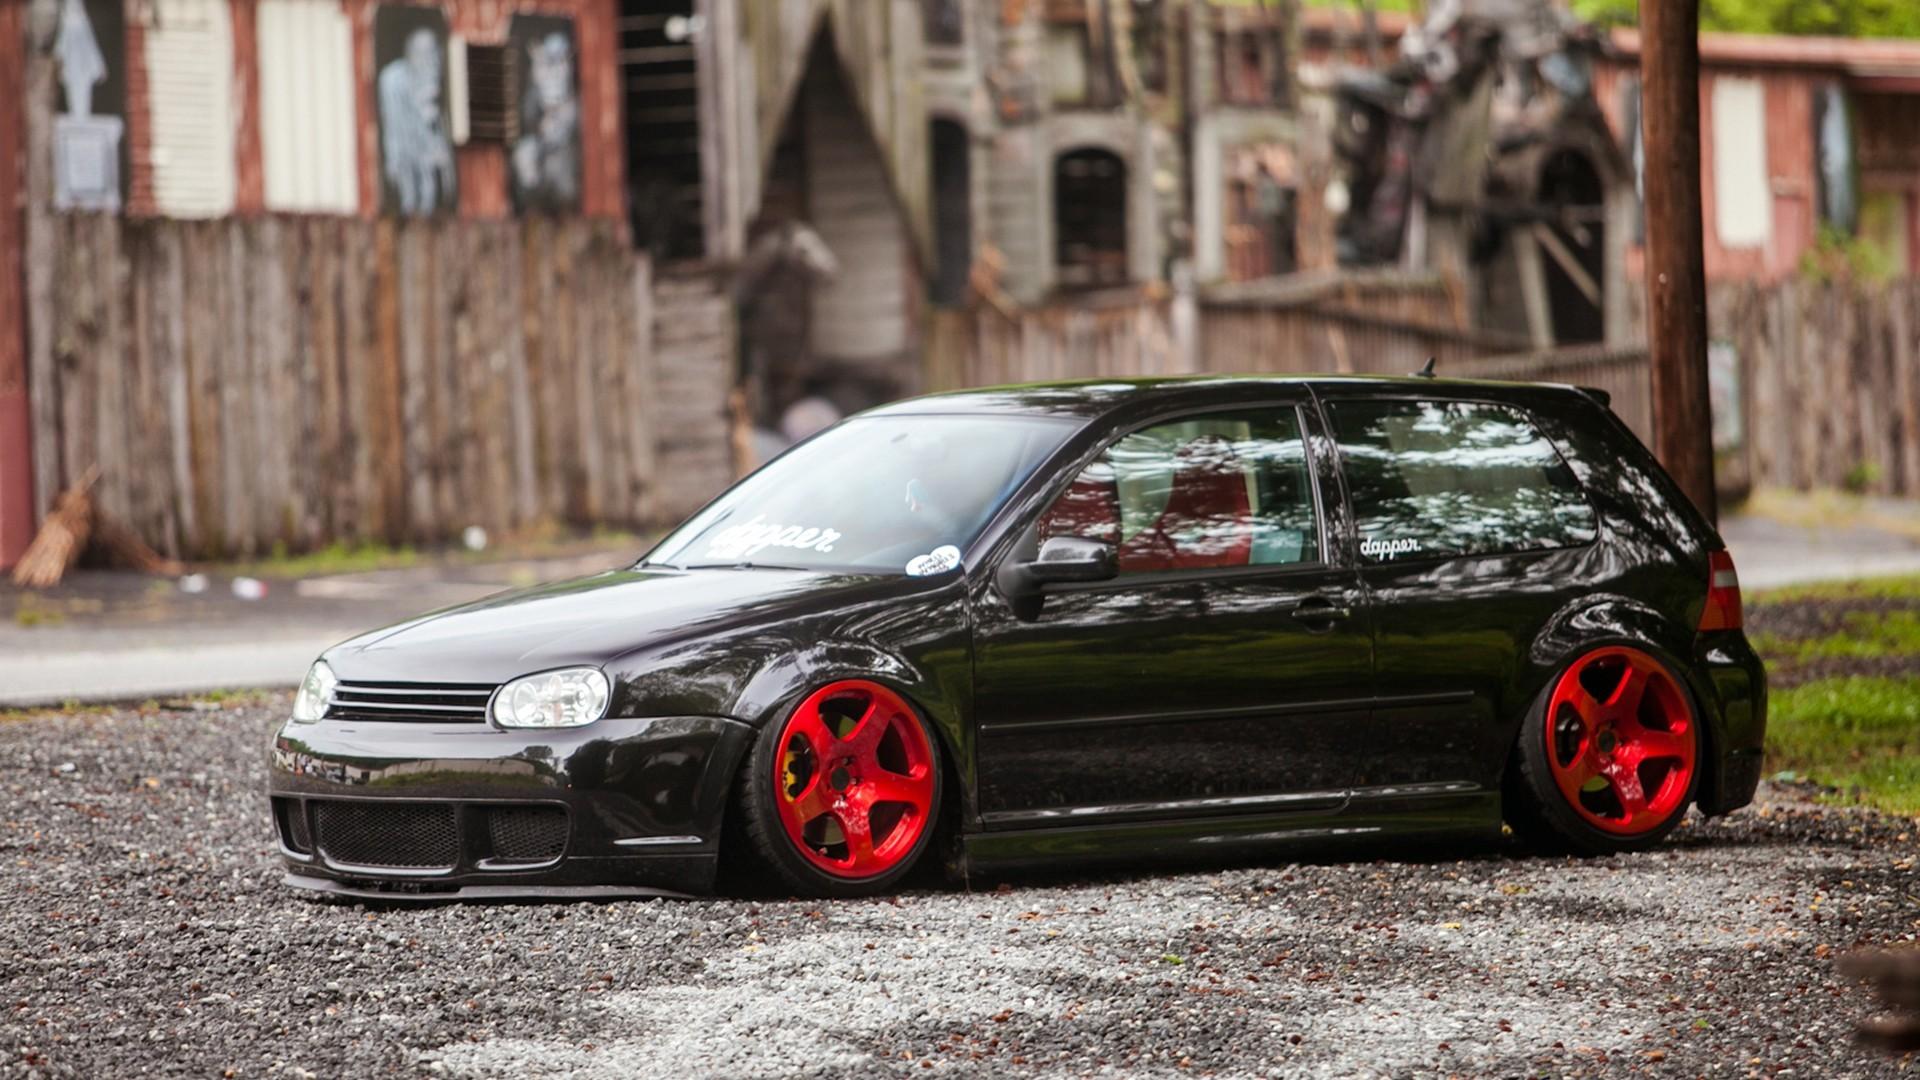 Fondos De Pantalla Vehículo Coche Deportivo Volkswagen